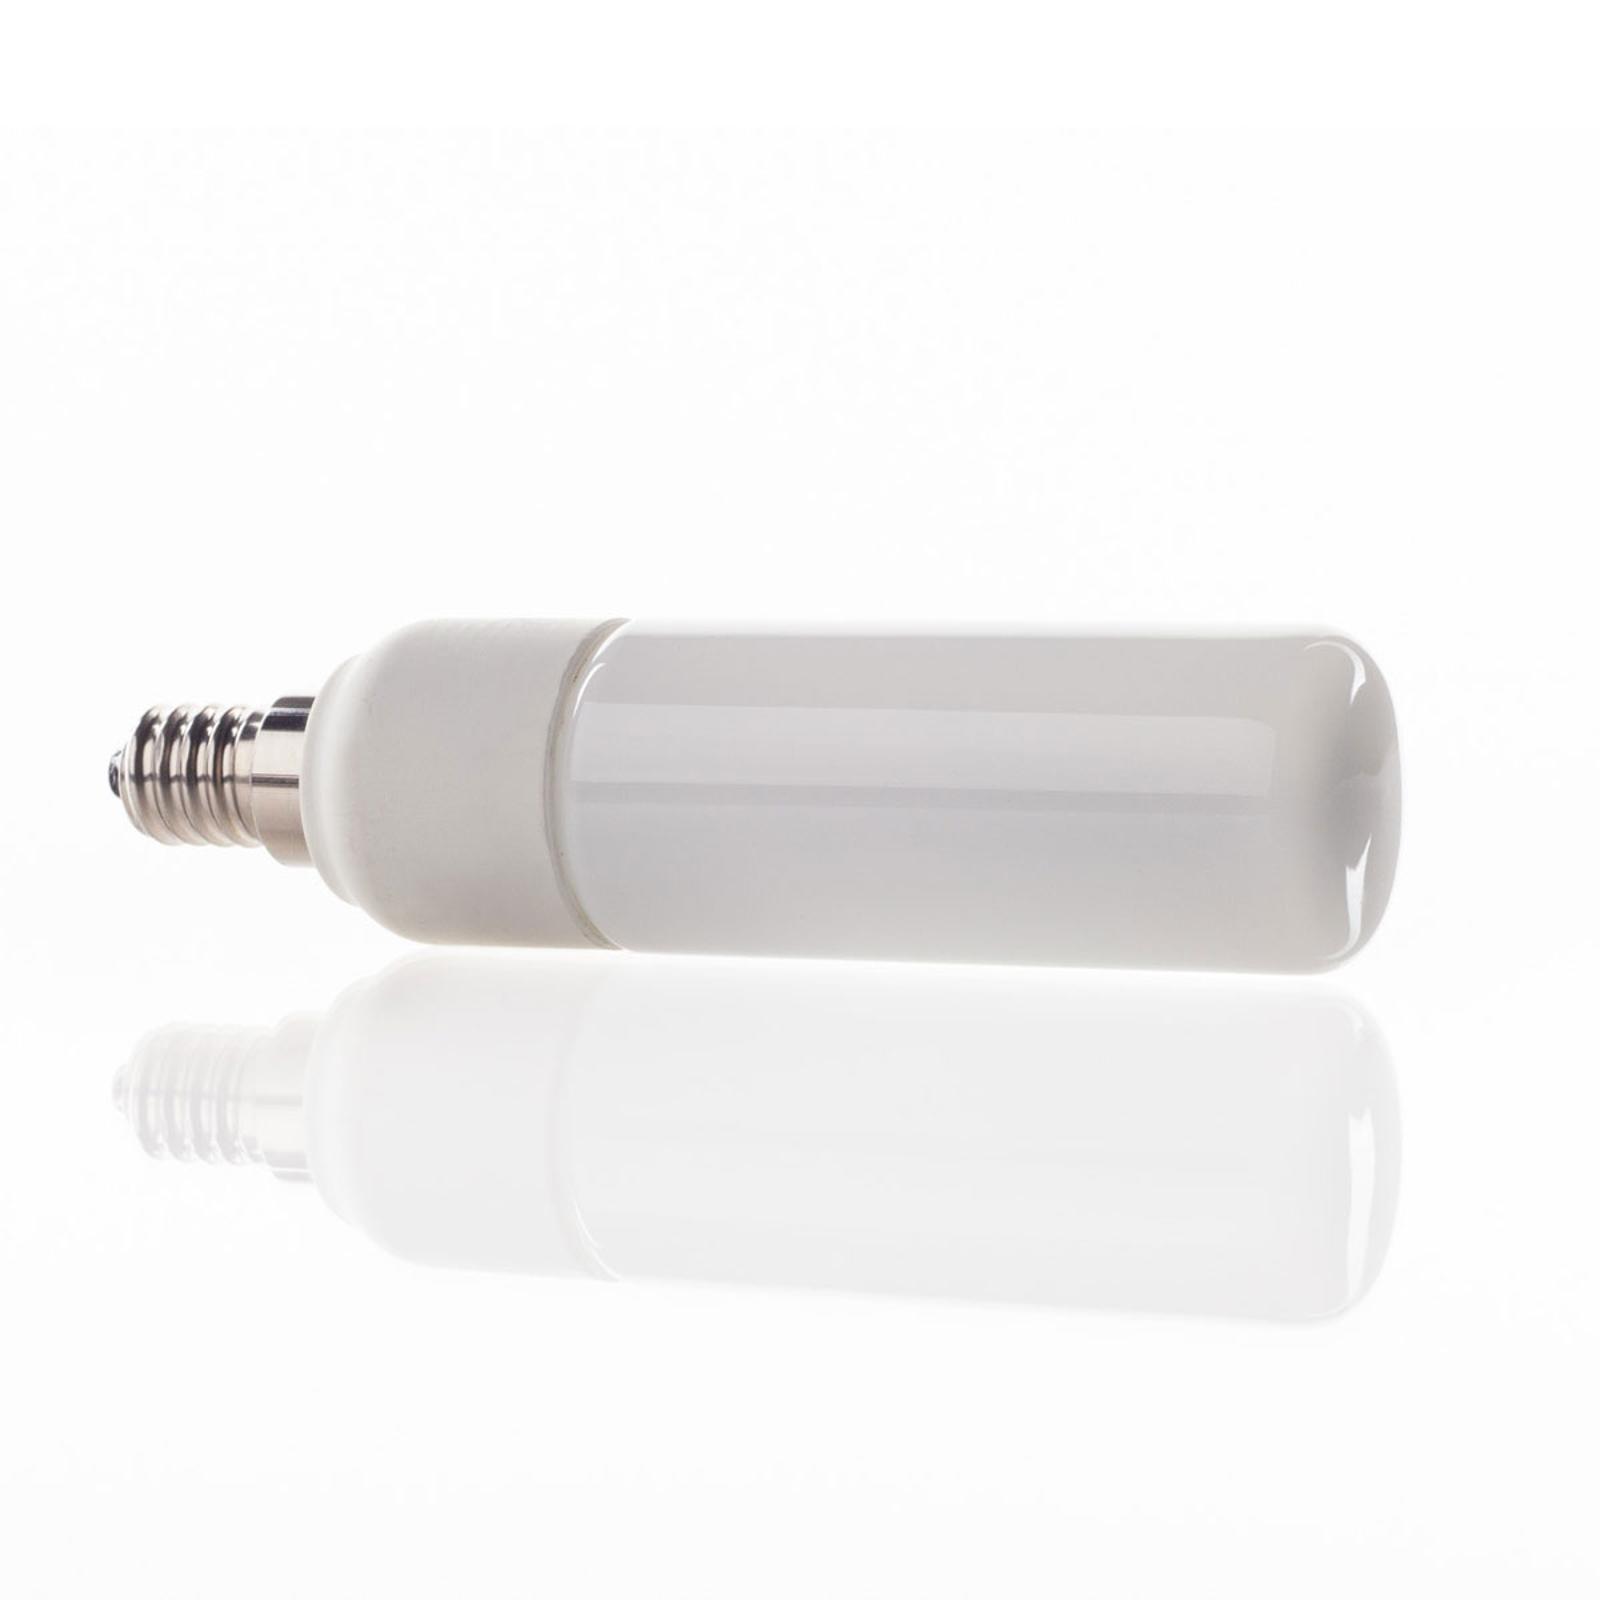 E14 5W LED-pære i rørform